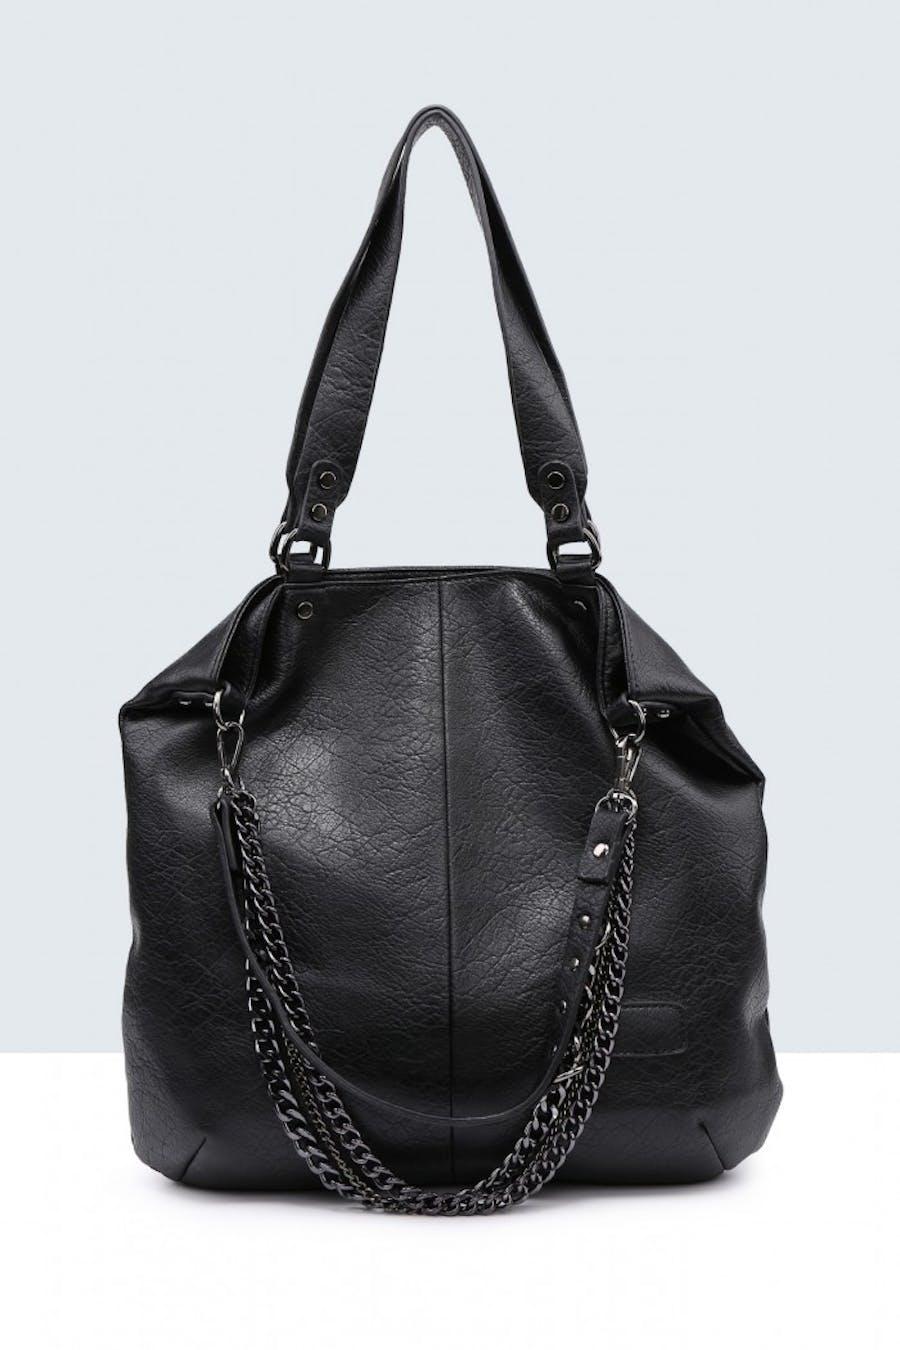 Bolso valentina shopper cadenas Negro